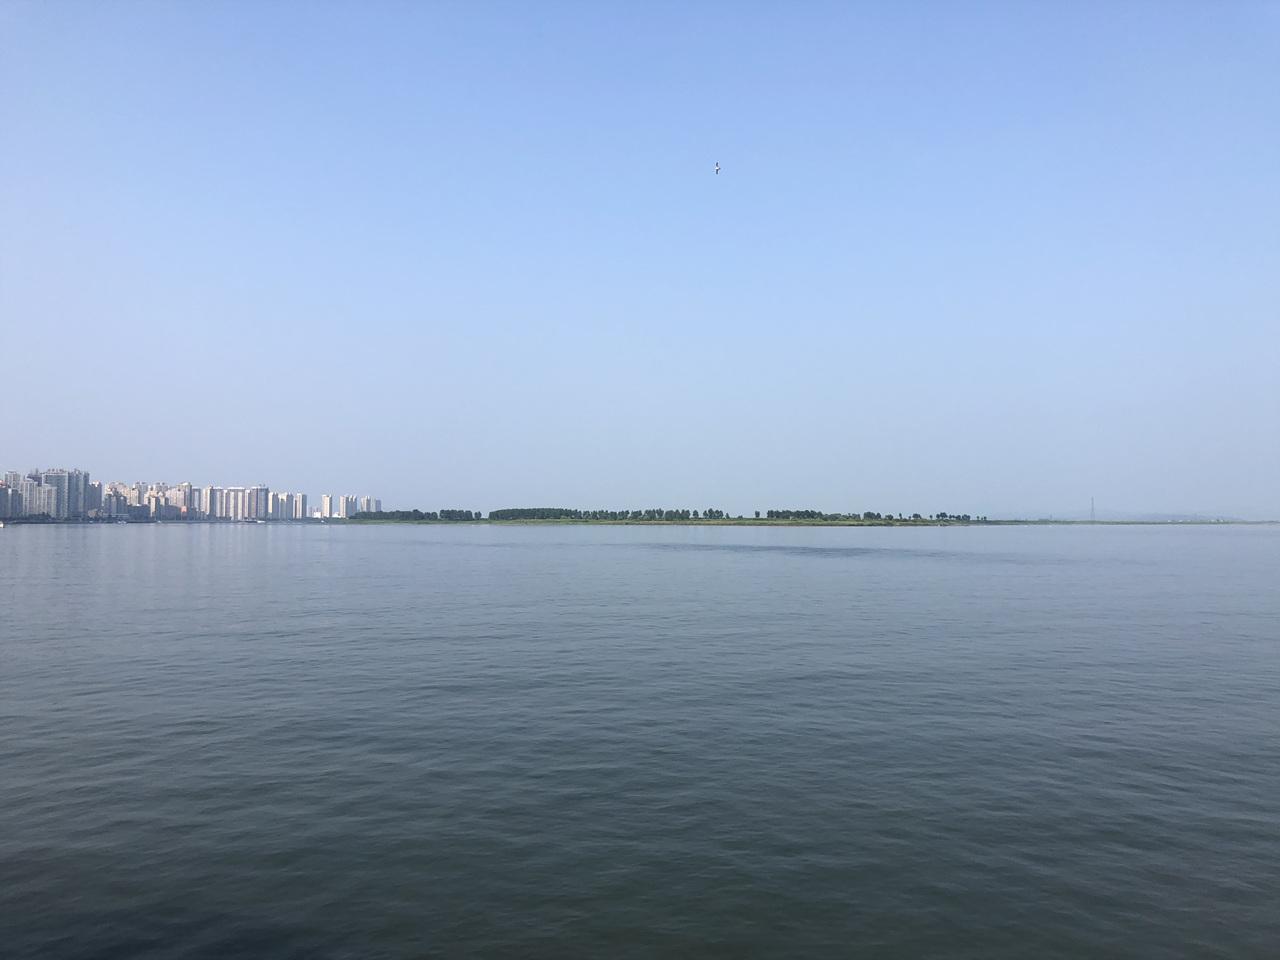 단동과 위하도 압록강 유람선에서 본 단동(왼쪽)과 위하도